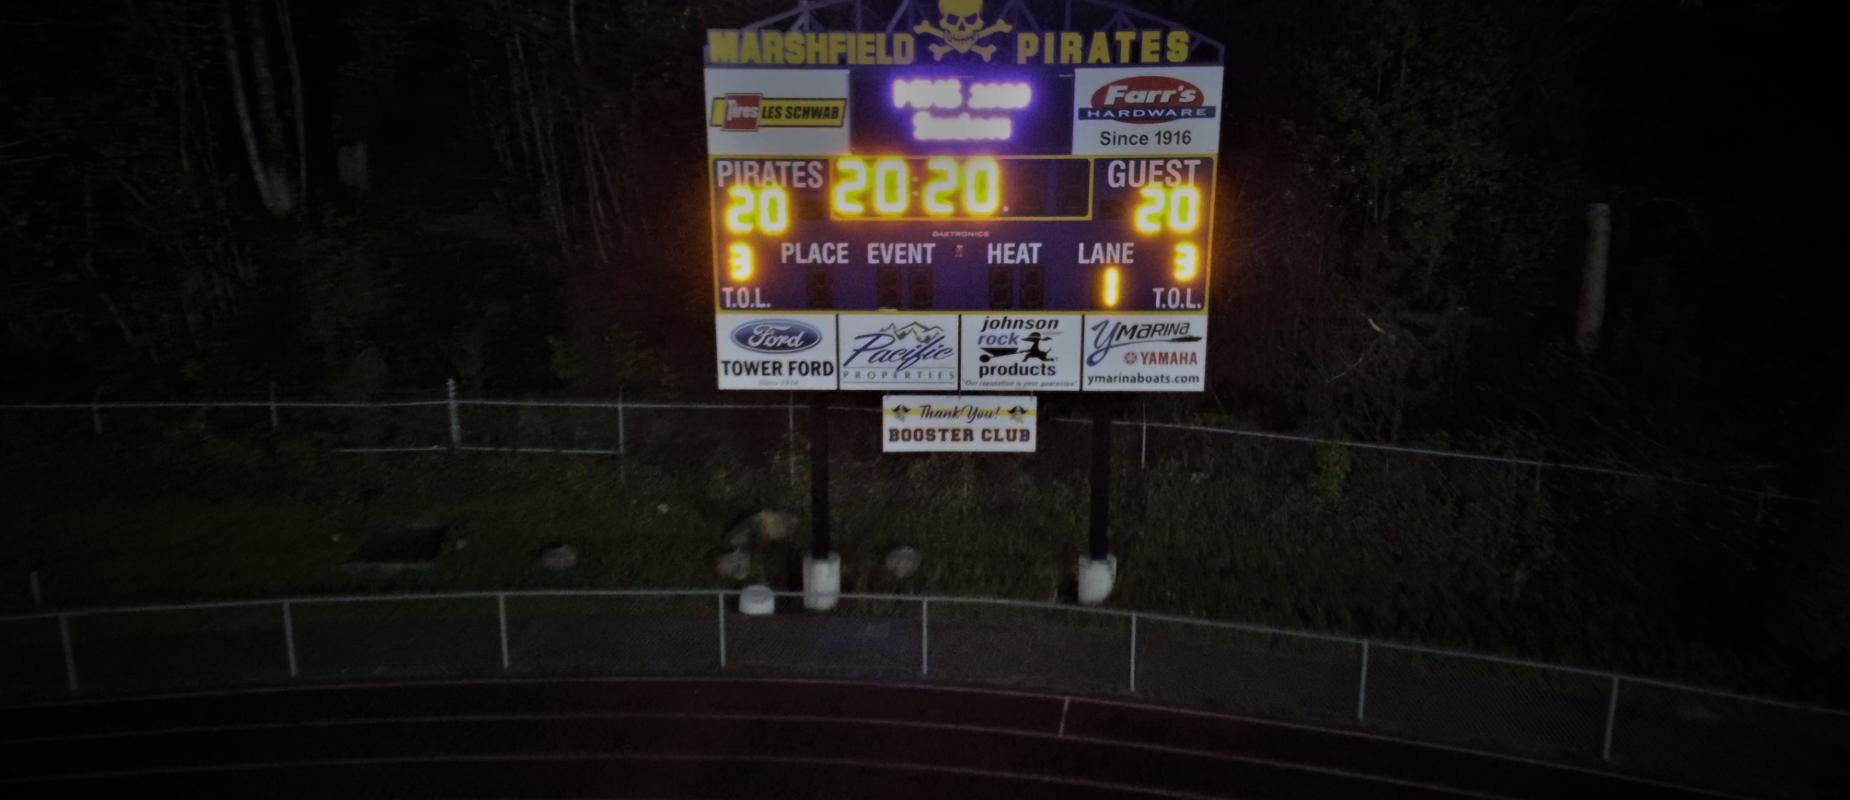 MHS Scoreboard - Class of 2020